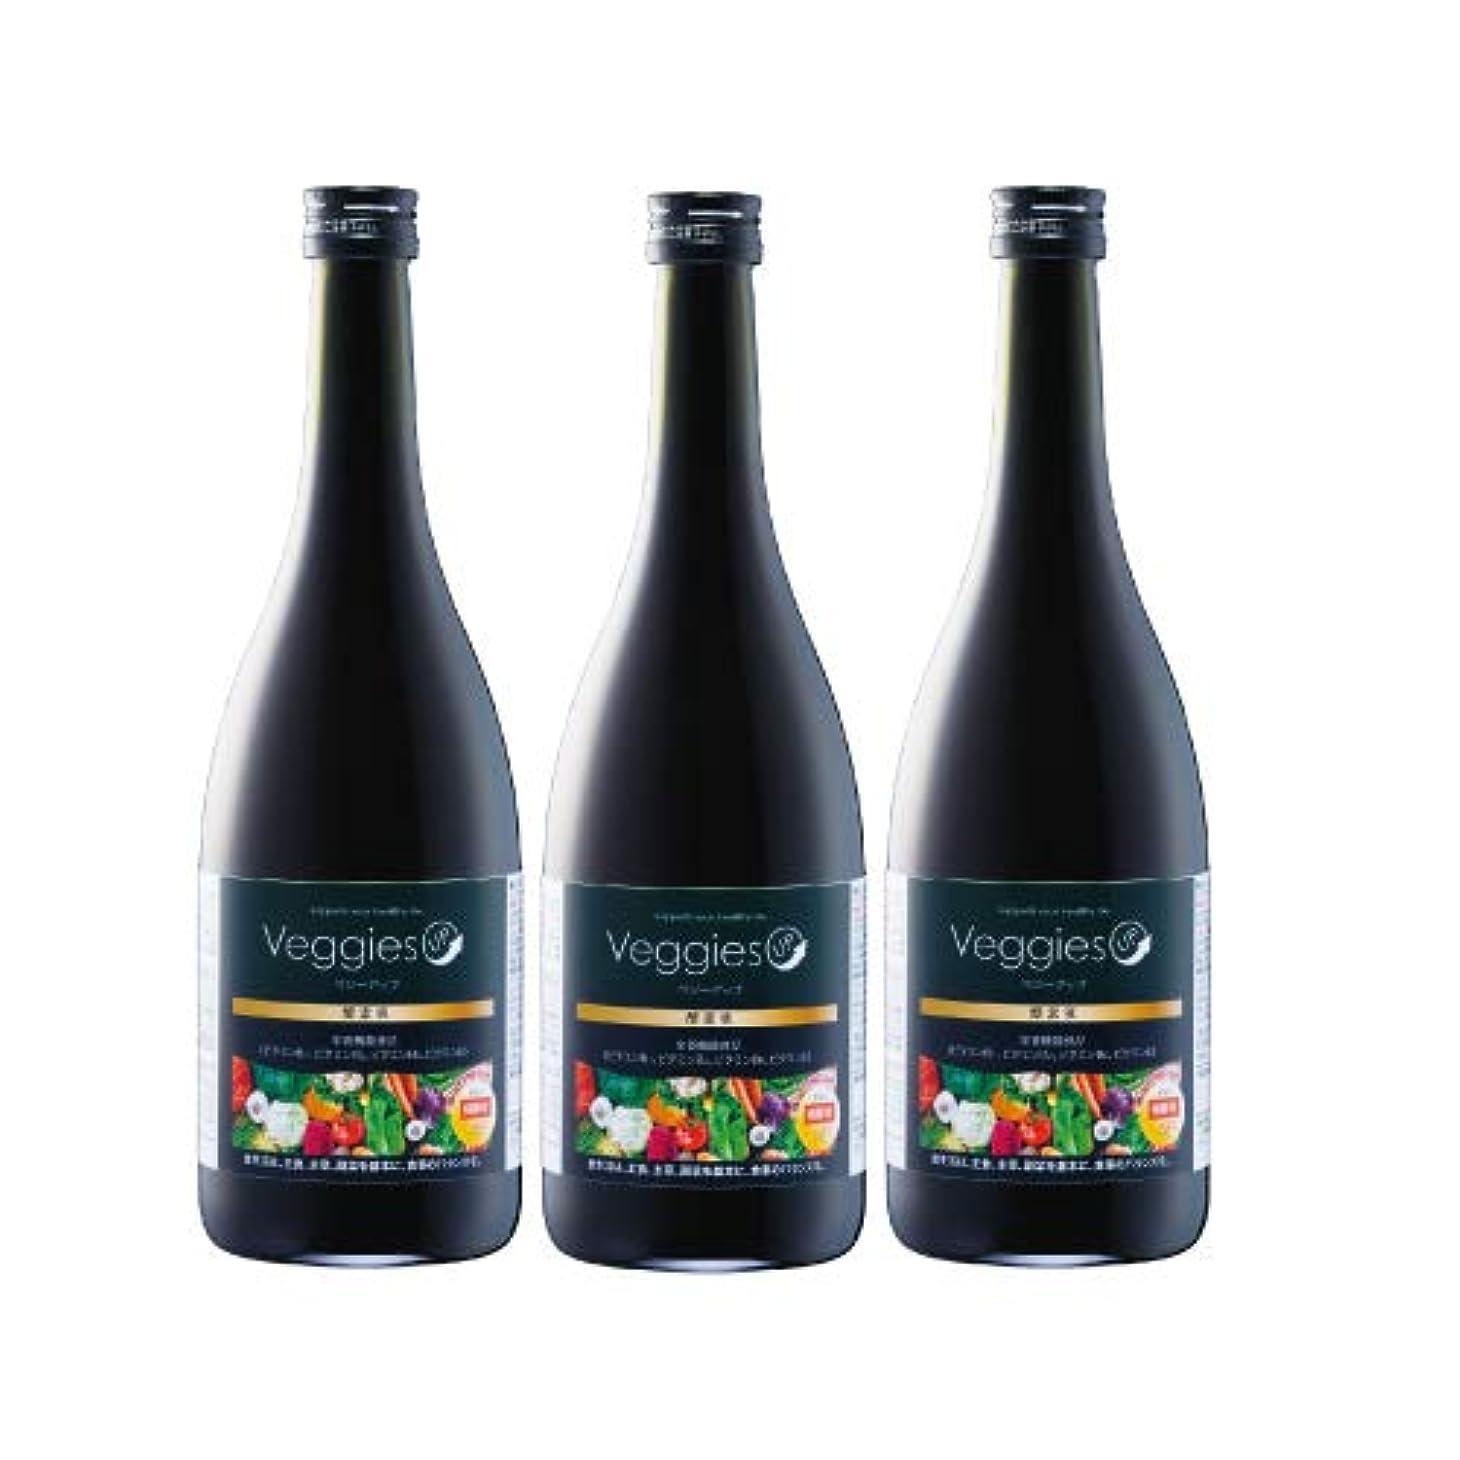 ヨーグルト試す光沢のあるベジーアップ酵素液 720mL 3本セット ダイエット ファスティング 酵素ドリンク 置き換えダイエット 酵素ダイエット